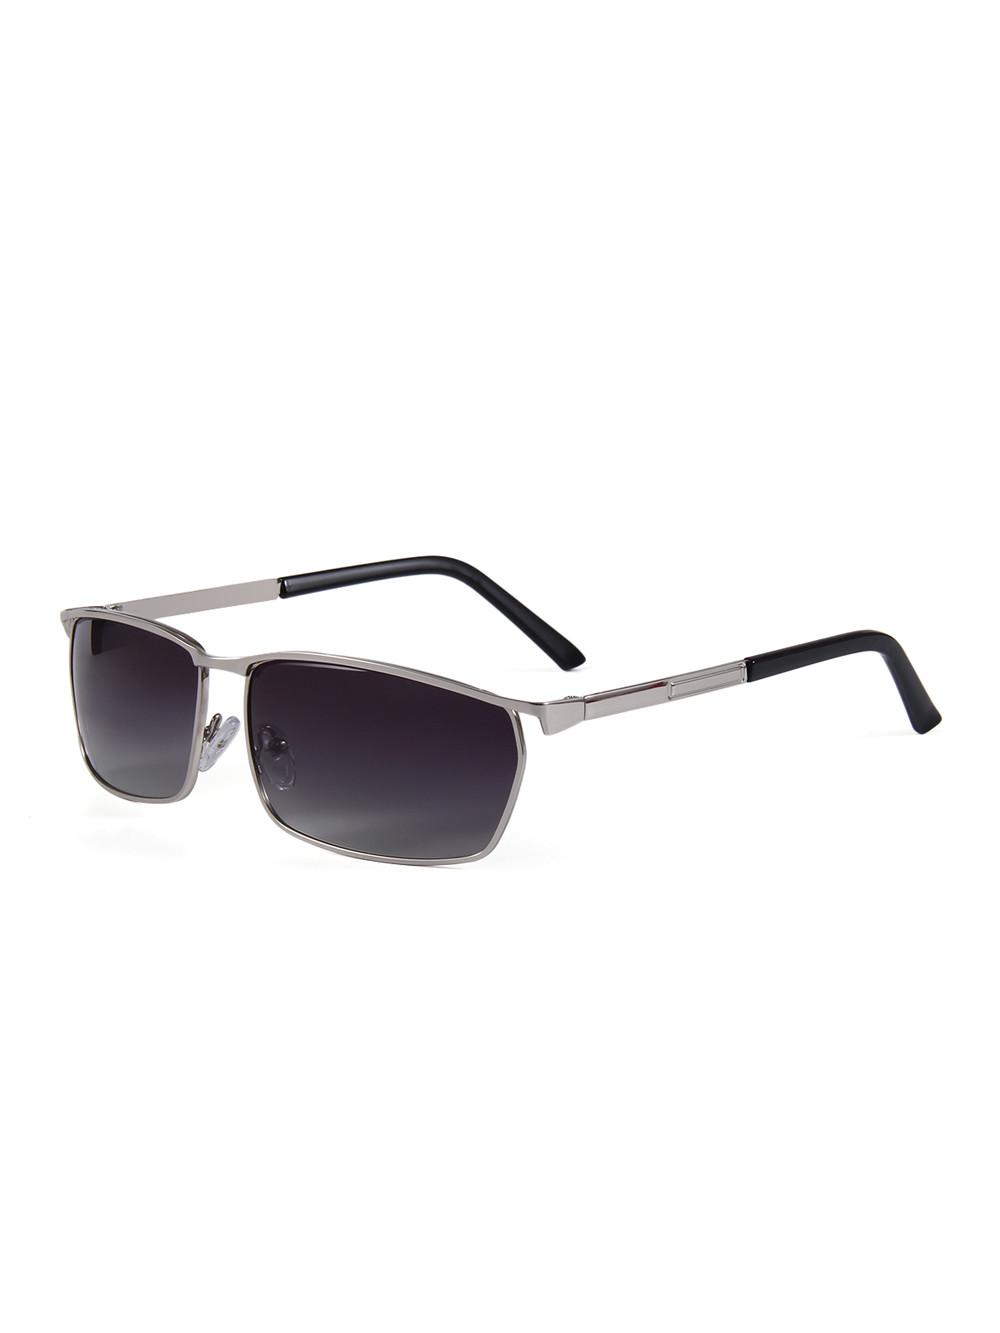 Slnečné okuliare Max Silver polarizačné